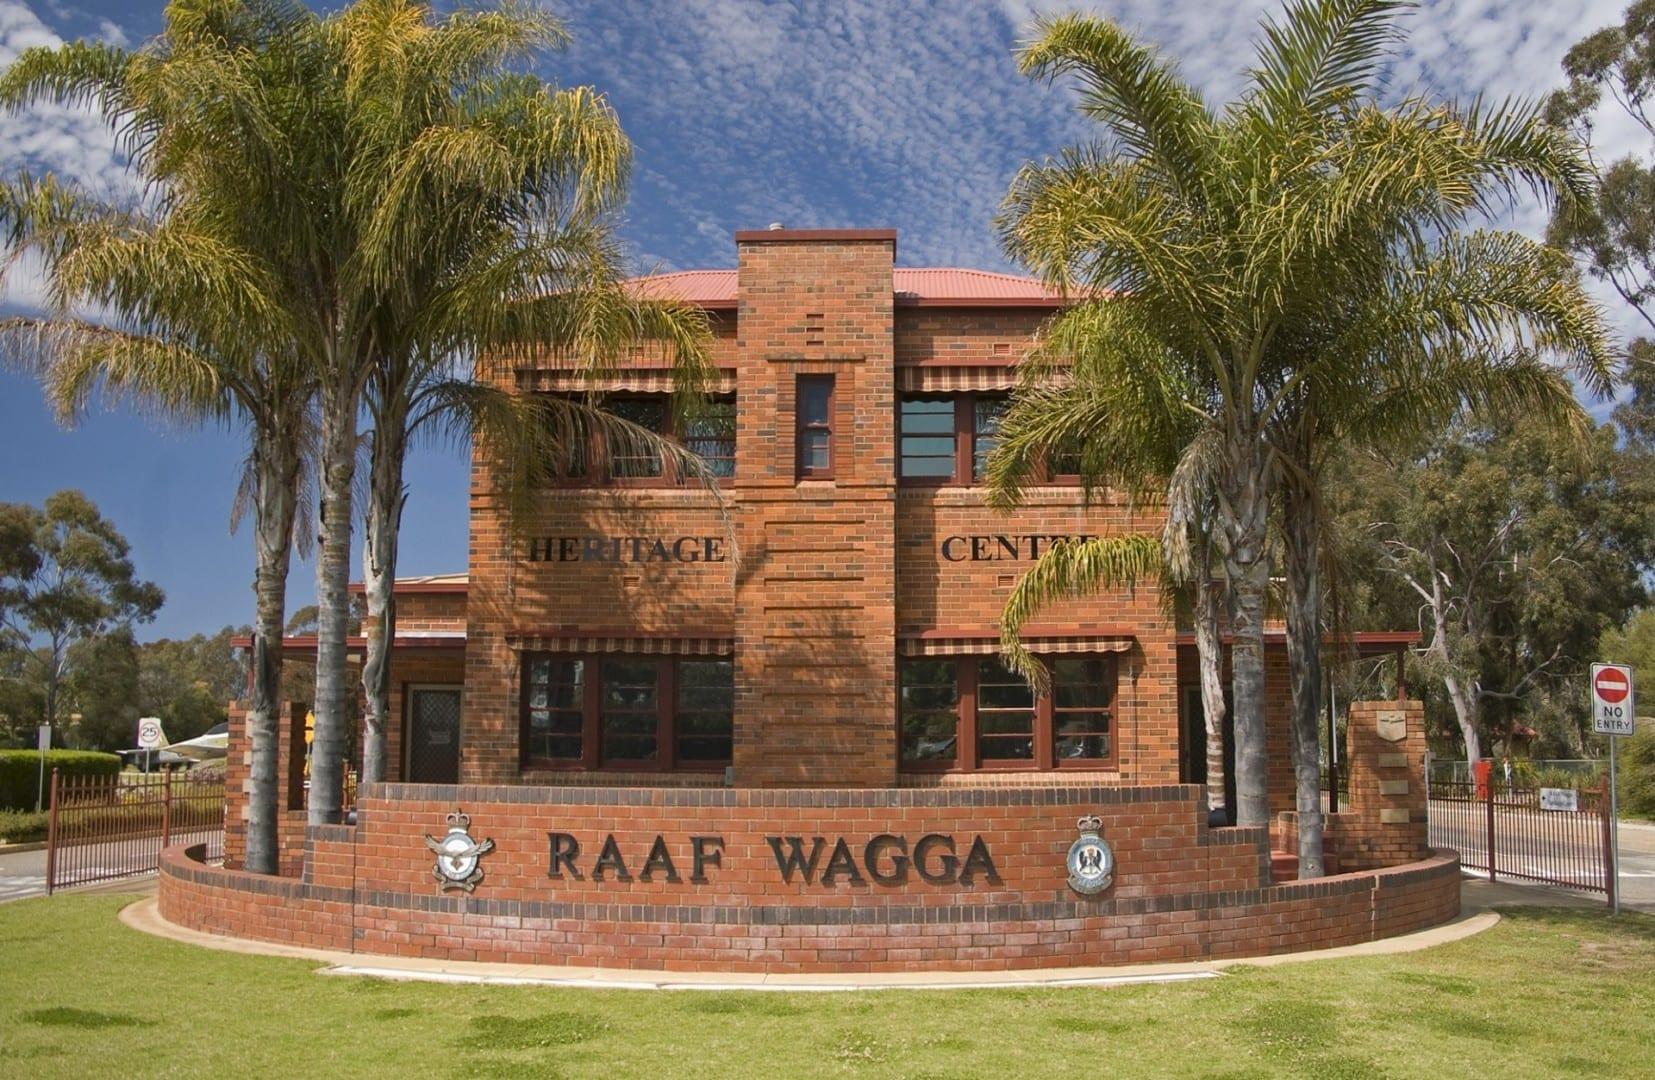 Centro de Patrimonio de la Aviación de la RAAF en Wagga, una antigua casa de guardia en la base de la RAAF en Wagga Wagga Wagga Australia